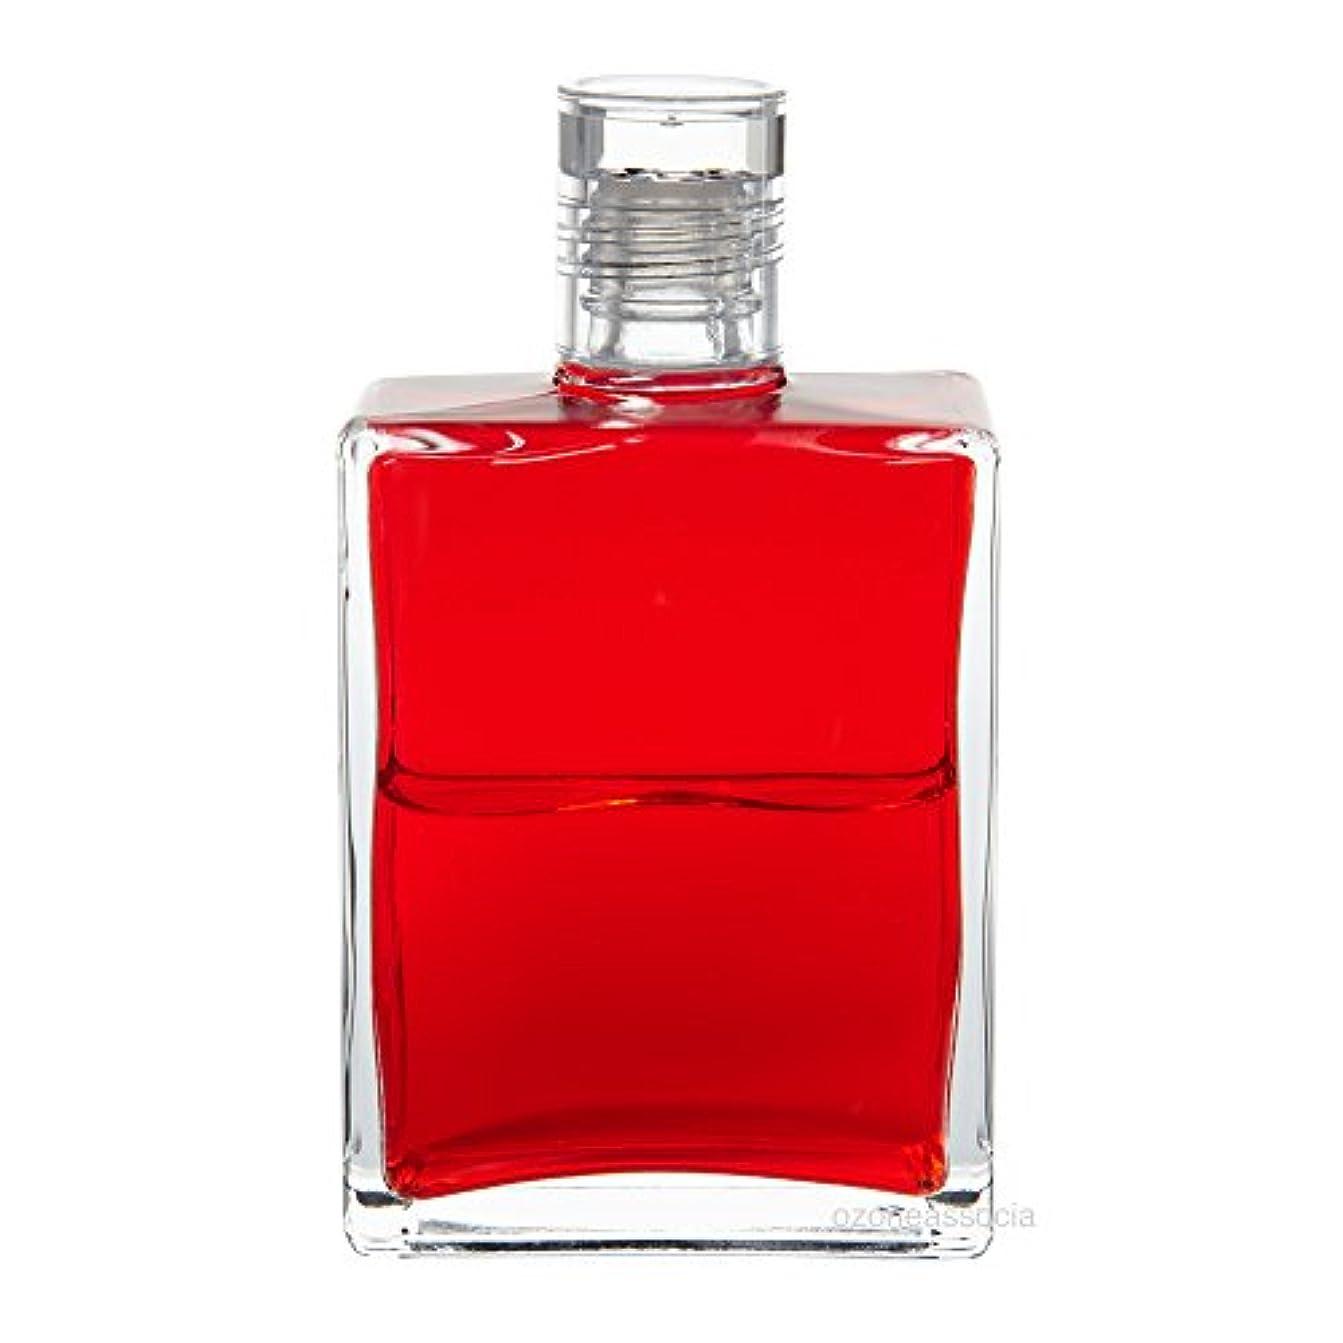 ディレイ夜間フェッチオーラソーマ ボトル 6番  エナジーボトル (レッド/レッド) イクイリブリアムボトル50ml Aurasoma